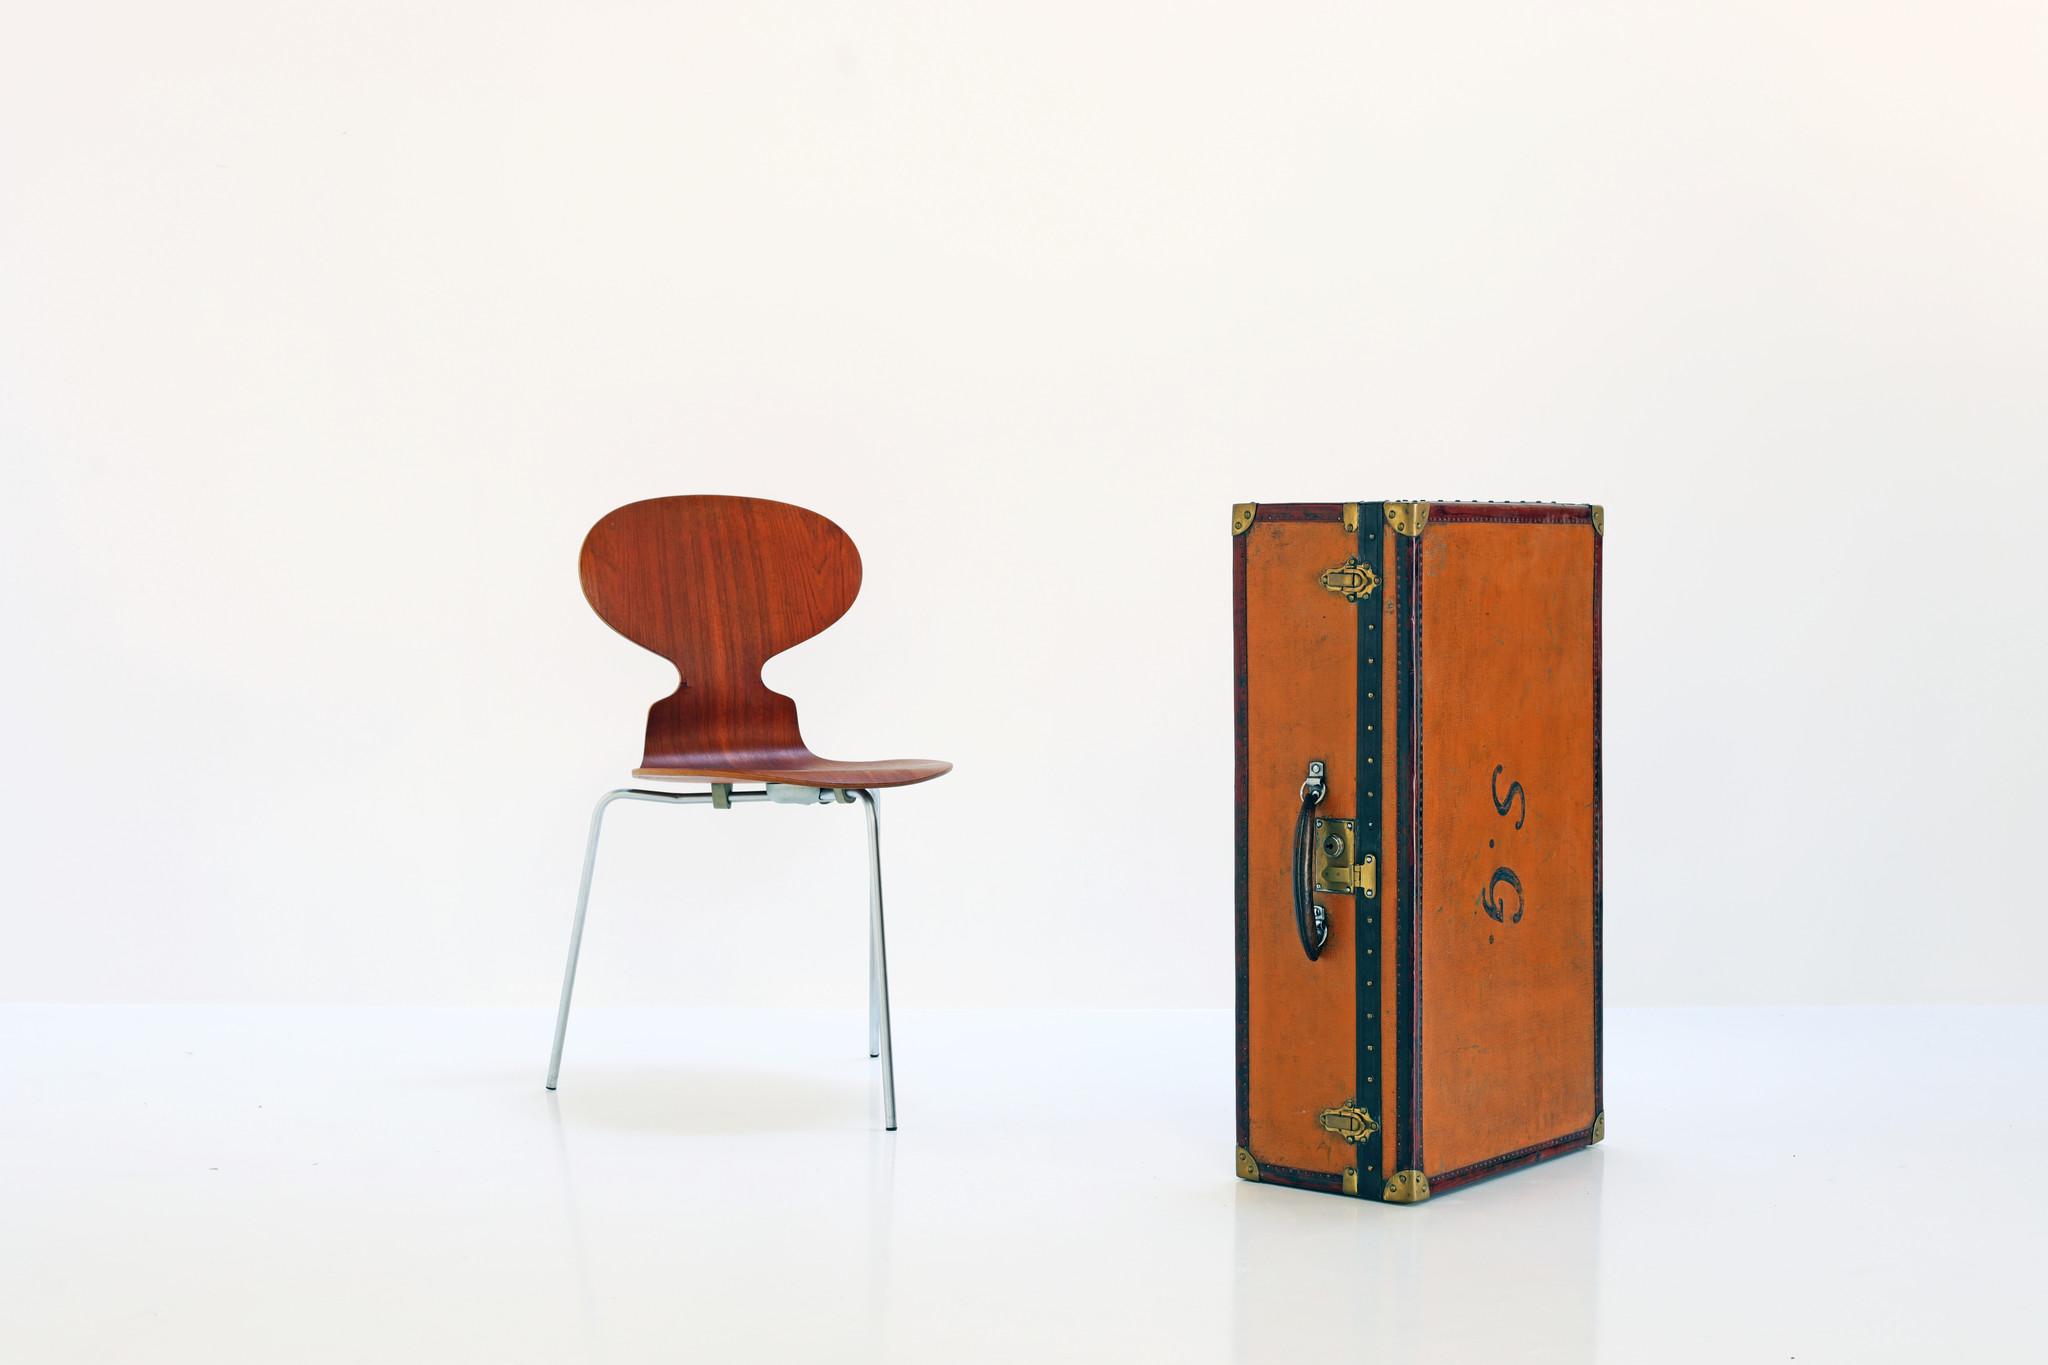 Moynat suitcase, 1920